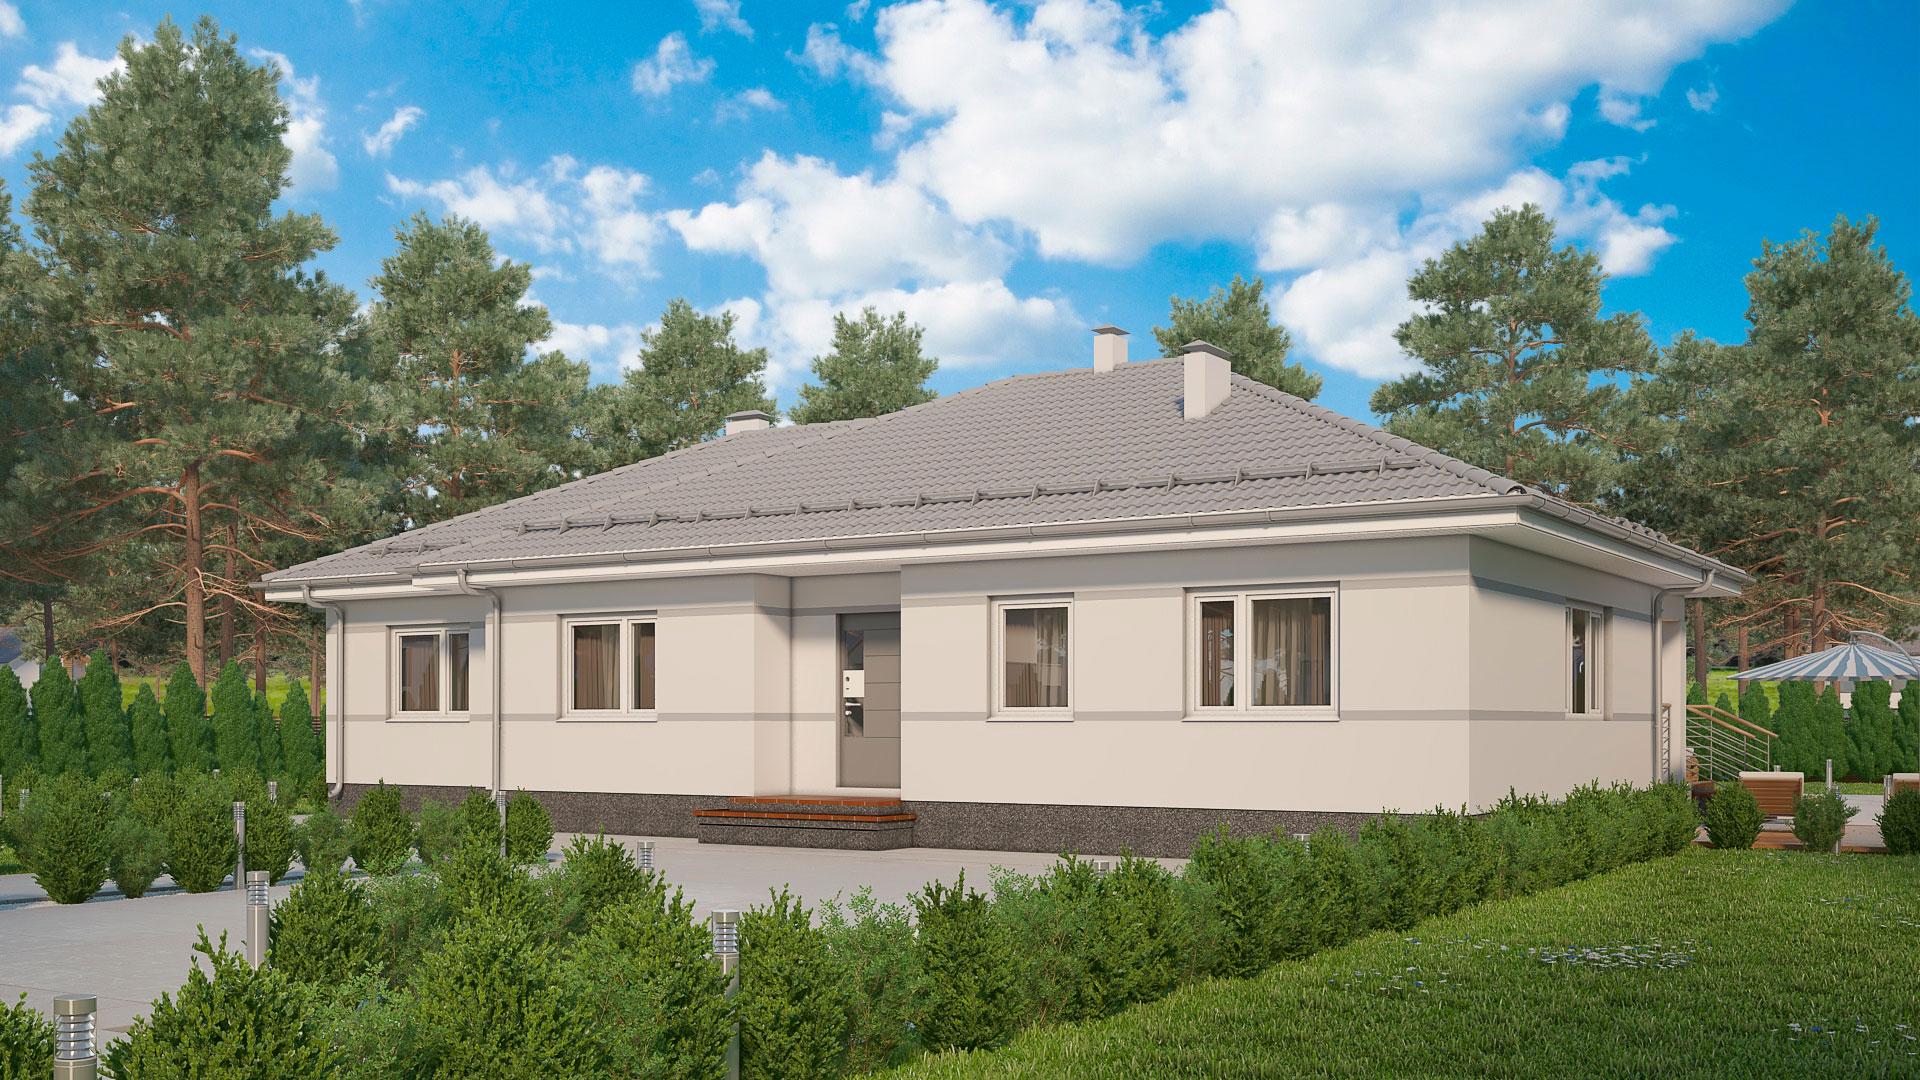 Передний фасад одноэтажного дома БЭНПАН, проект МС-162/1.